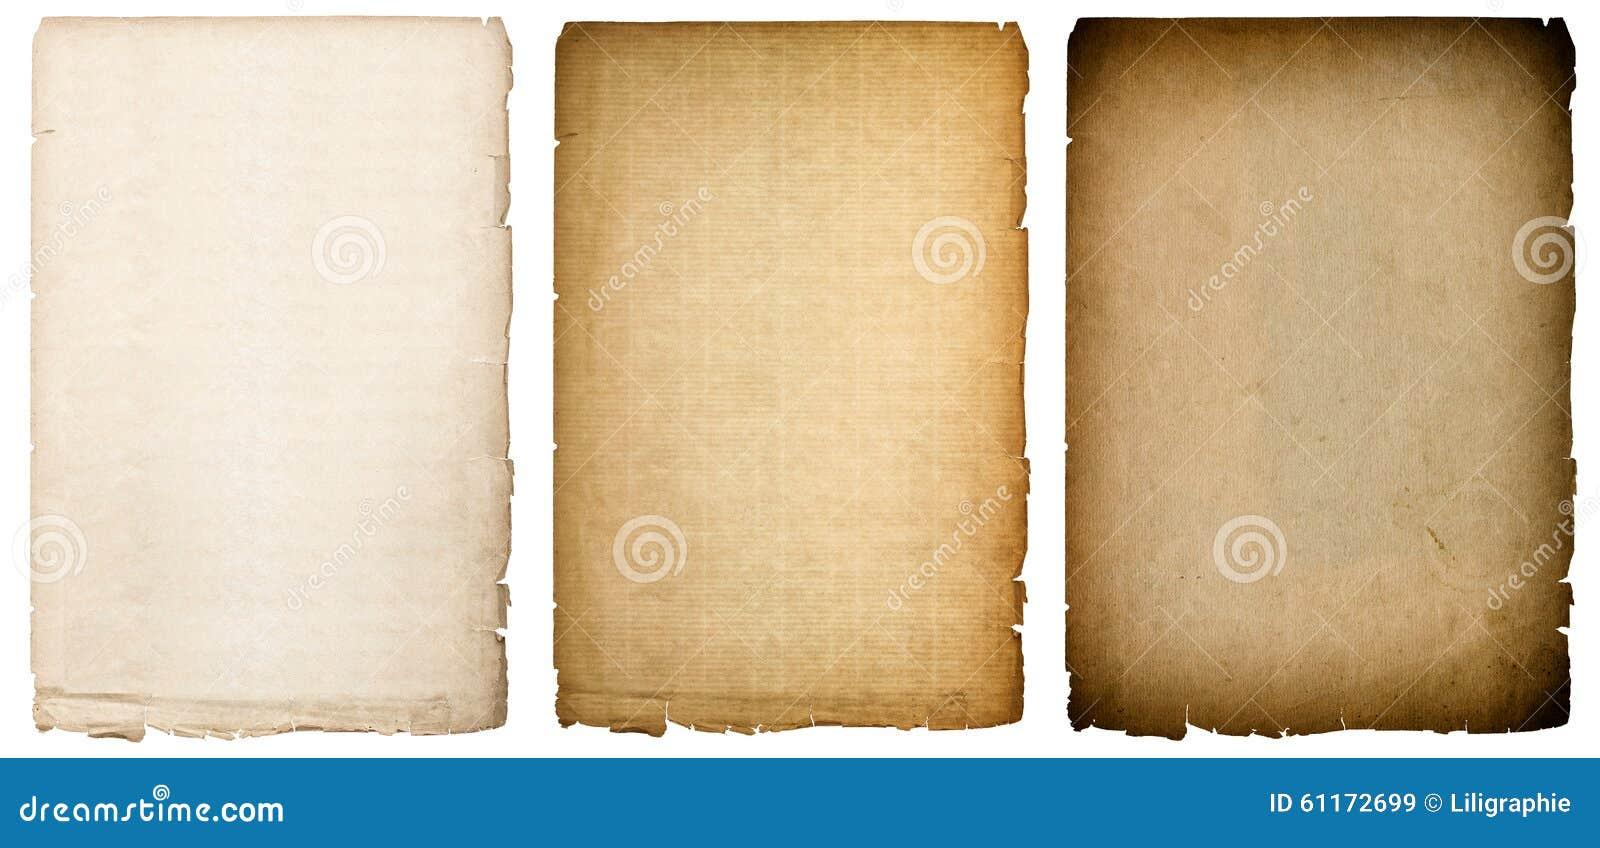 Le vieux papier couvre la texture avec les bords foncés Fond de cru